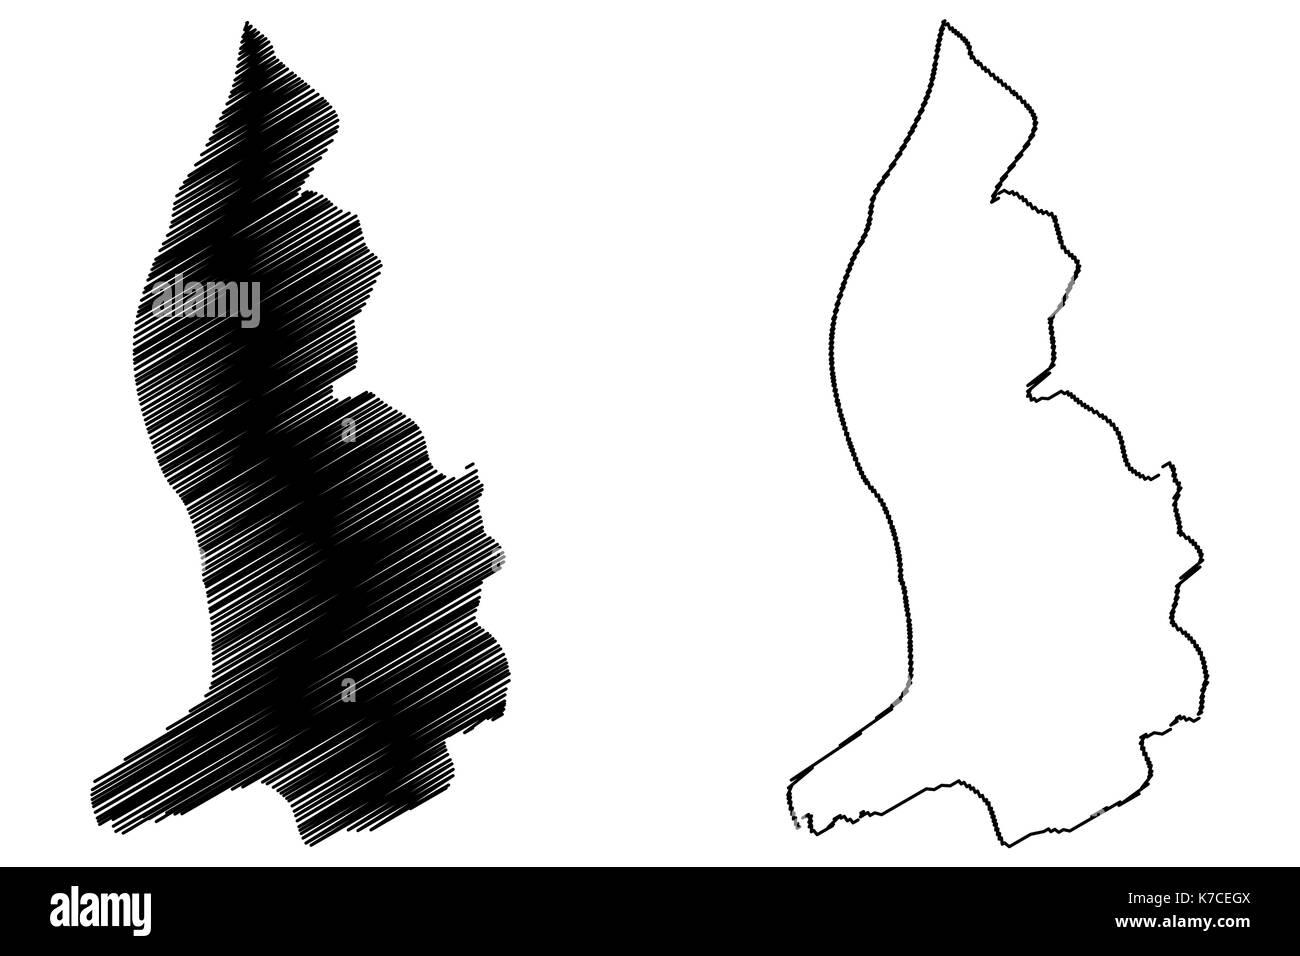 Lichtenstein map vector illustration, scribble sketch Lichtenstein - Stock Vector